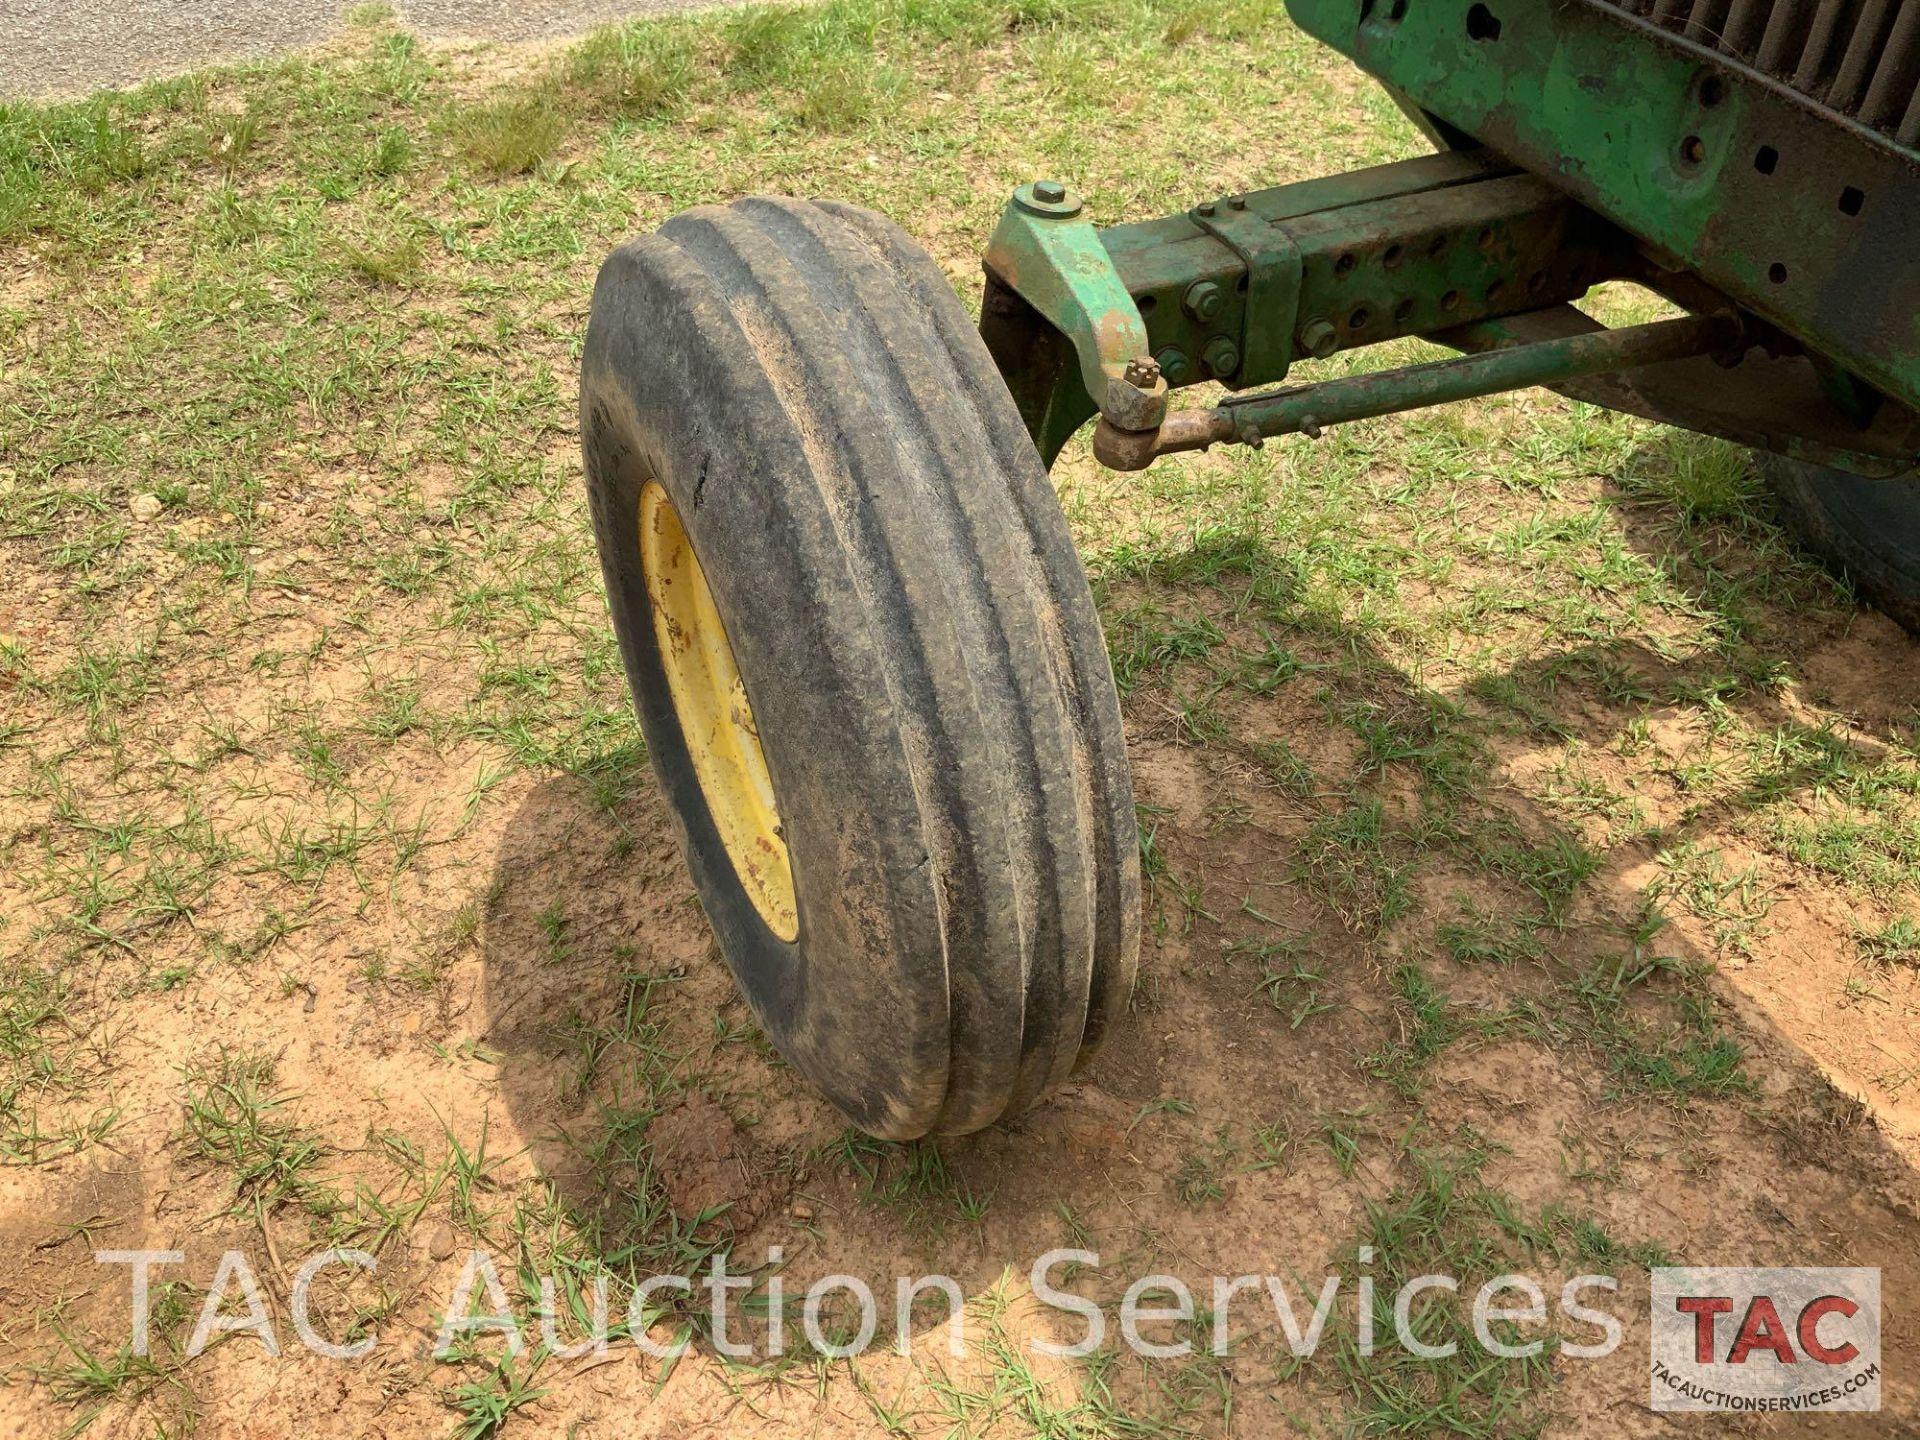 John Deere 4440 Tractor - Image 28 of 31